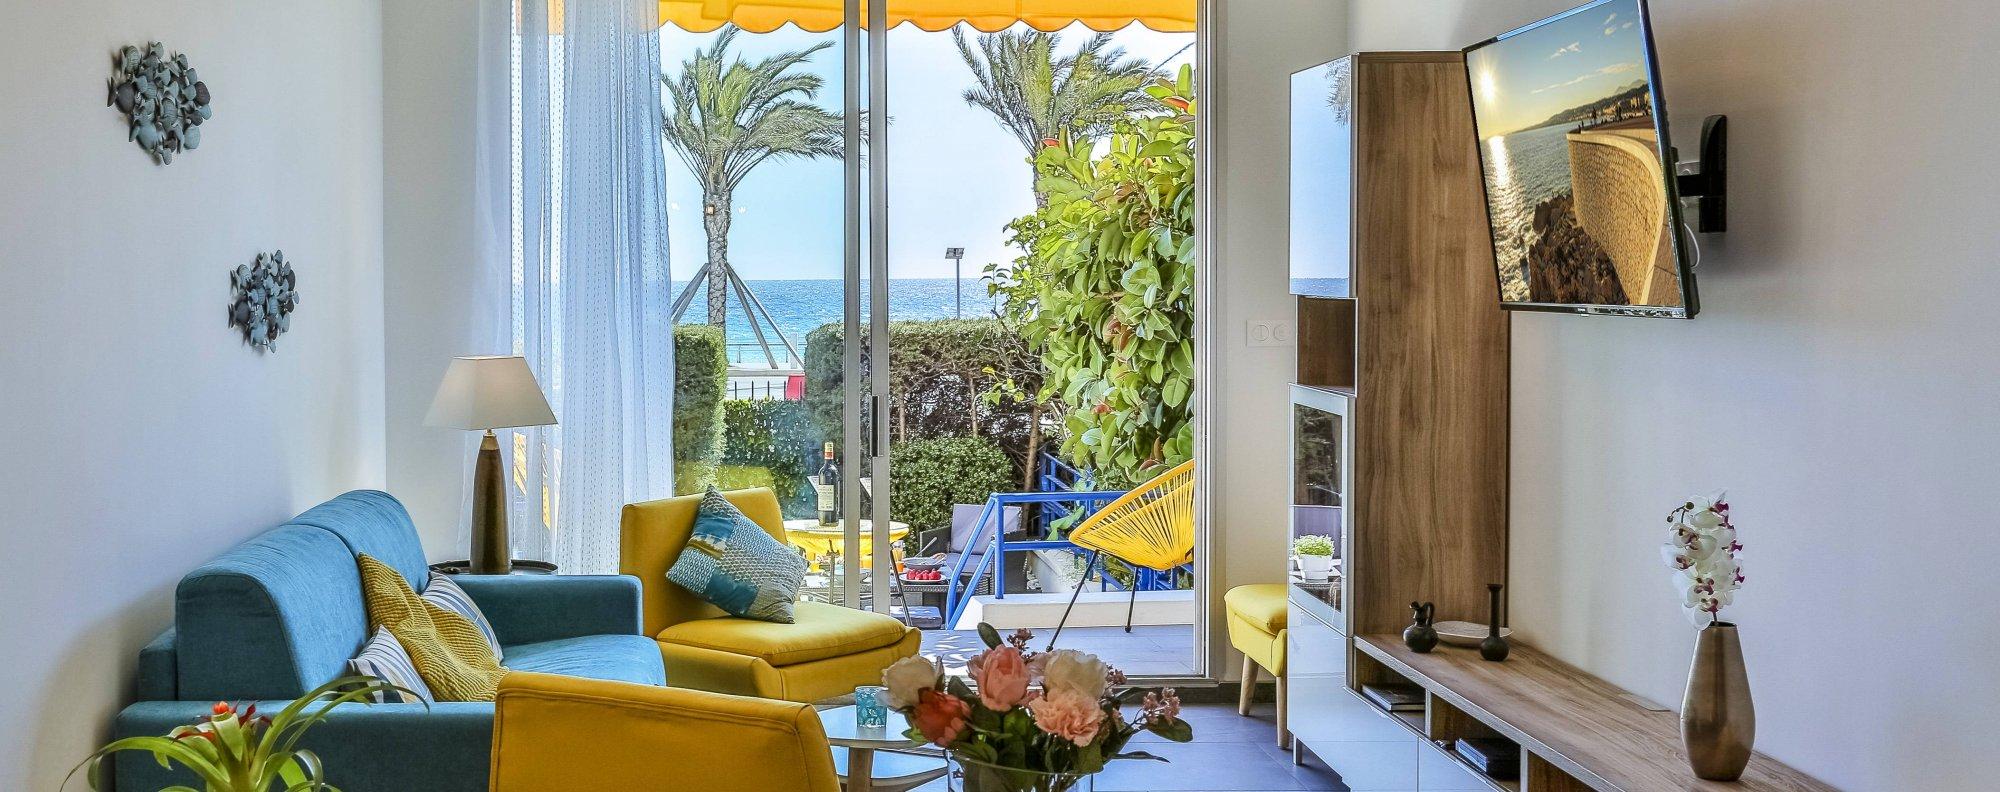 Location De Vacances Sur La Côte Du0027Azur : Appartements Et Villas à Louer.